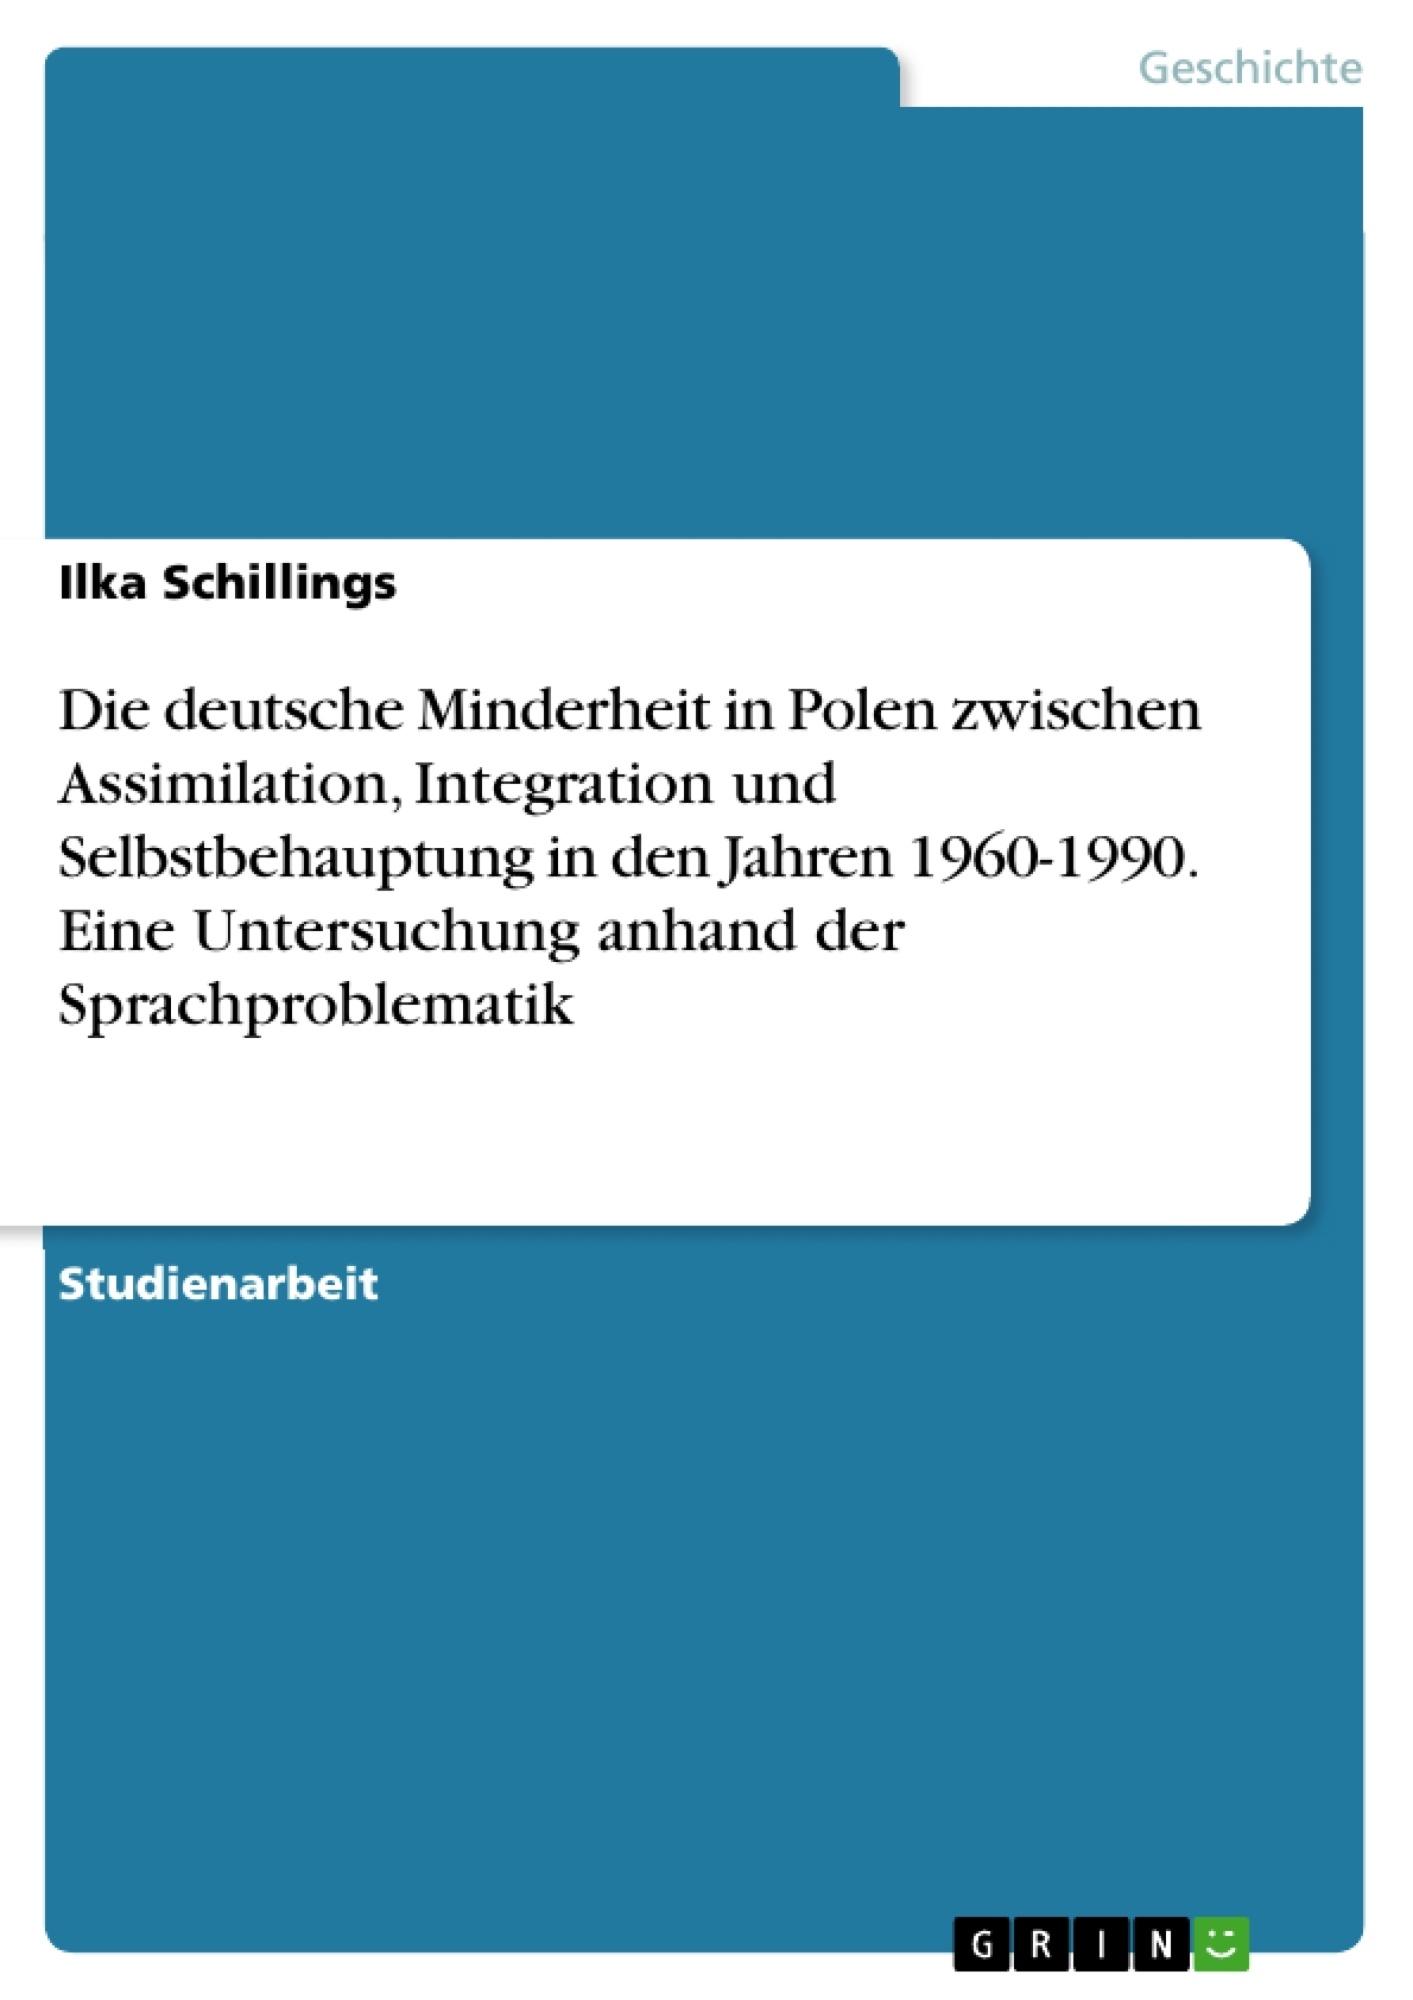 Titel: Die deutsche Minderheit in Polen zwischen Assimilation, Integration und Selbstbehauptung in den Jahren 1960-1990. Eine Untersuchung anhand der Sprachproblematik